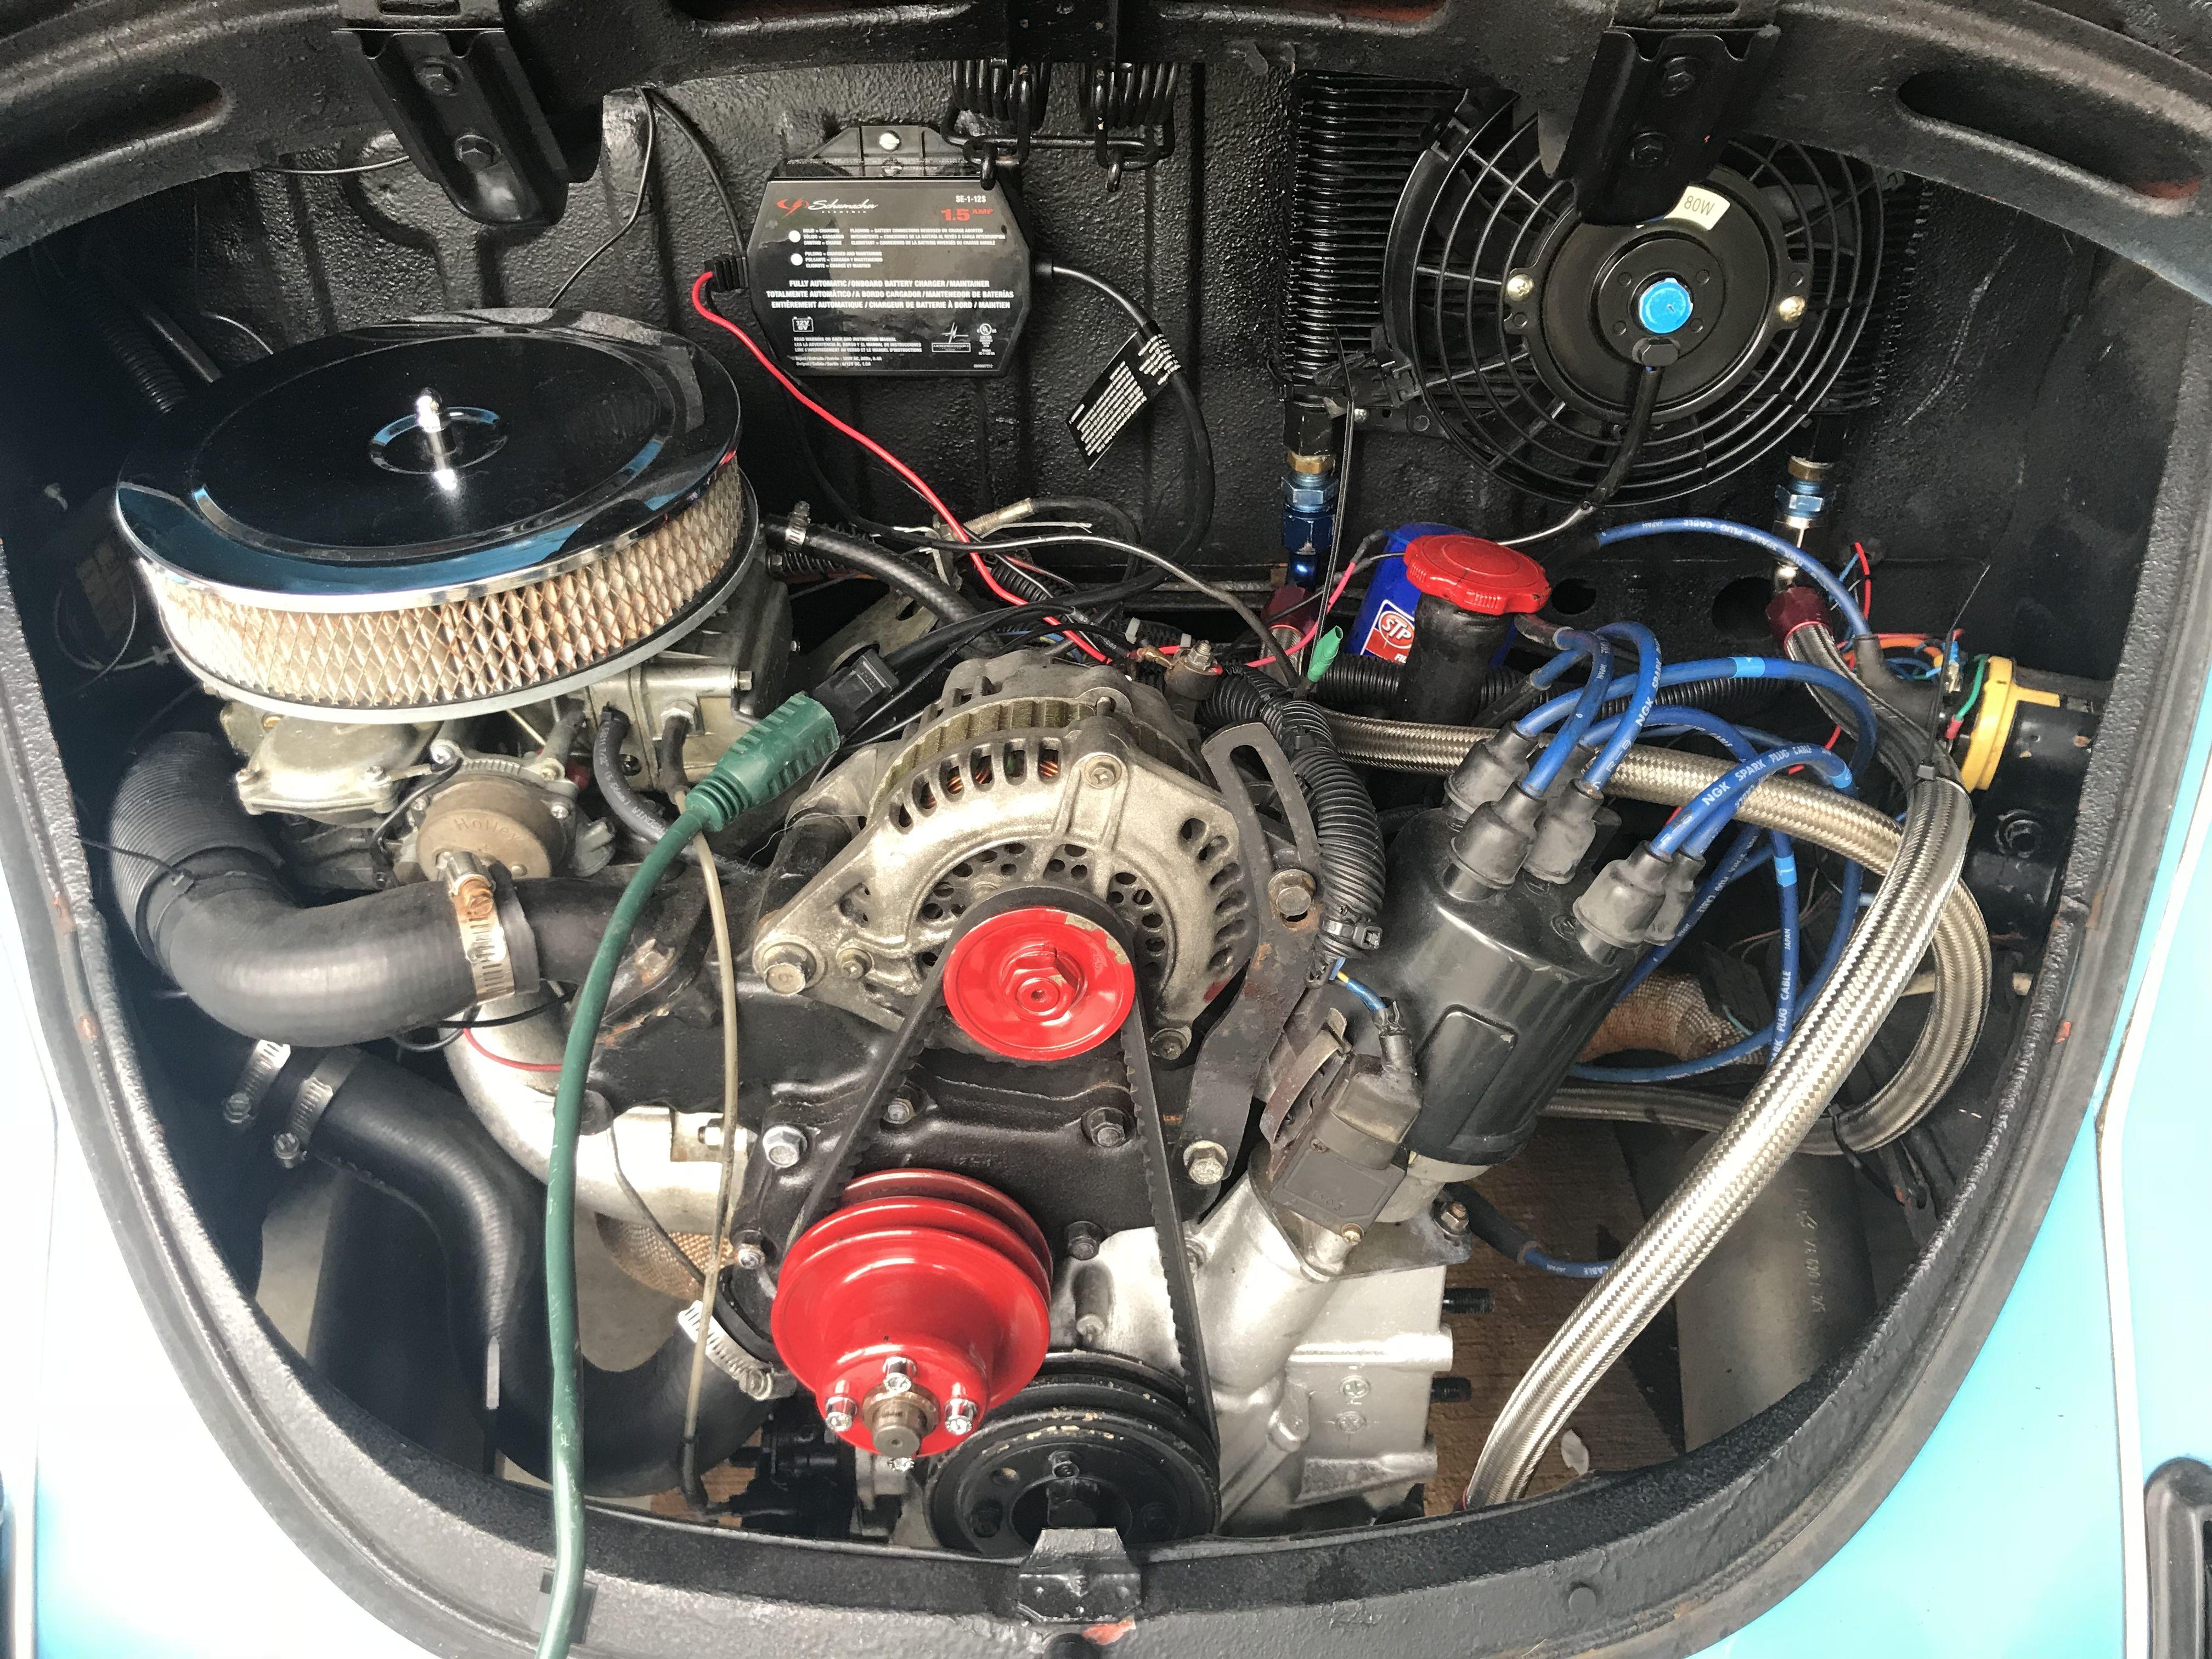 1971 volkswagen beetle engine wiring rlc s 71 super beetle 12a rotary  with images  volkswagen beetle  rlc s 71 super beetle 12a rotary  with